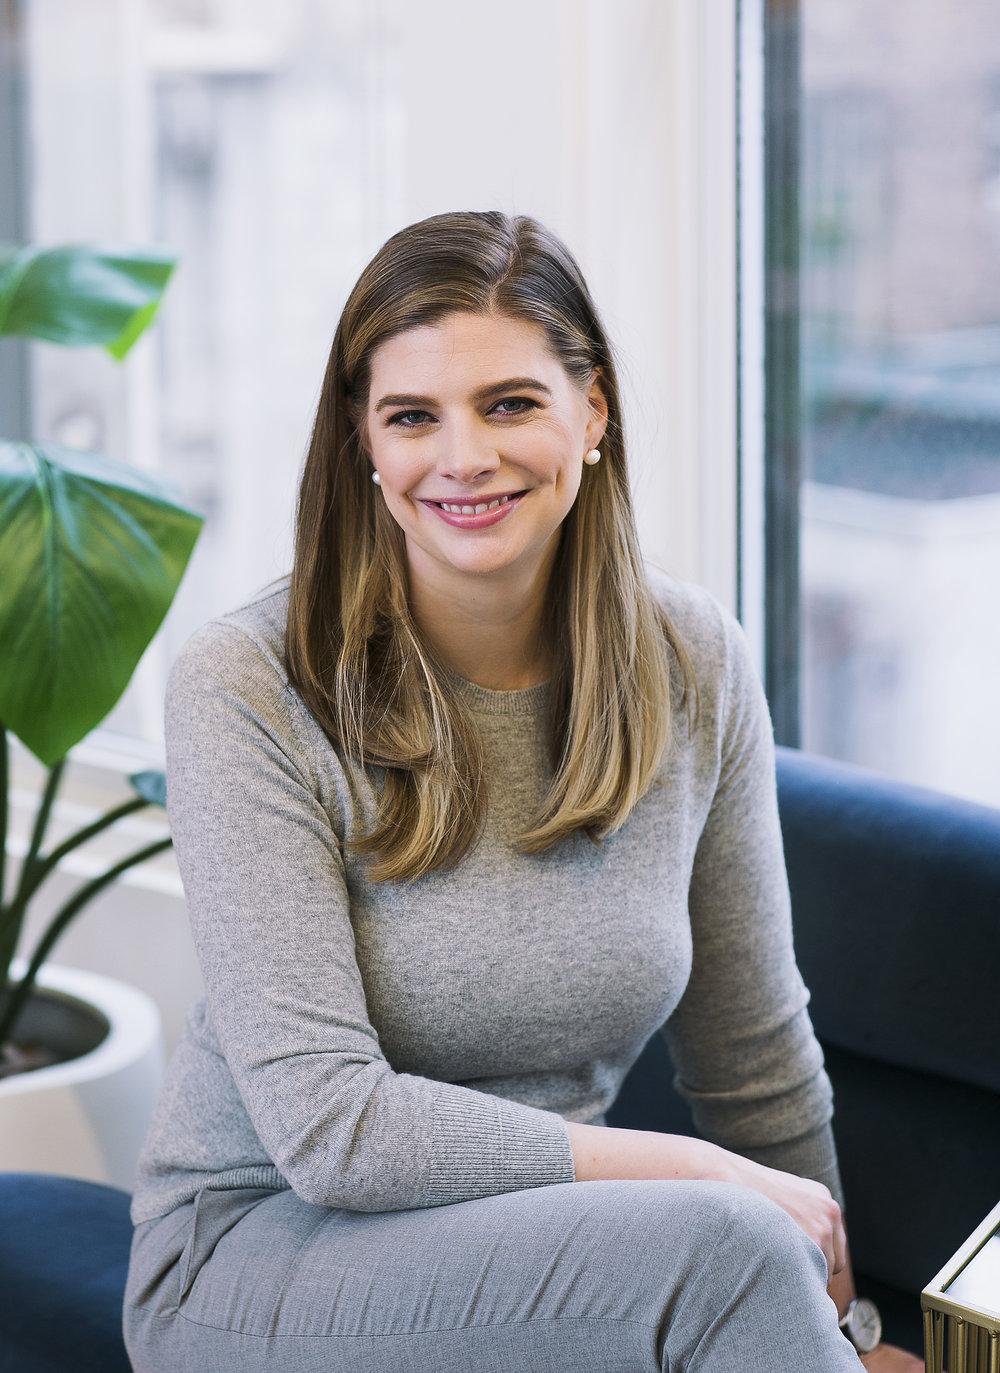 Kate Freedman